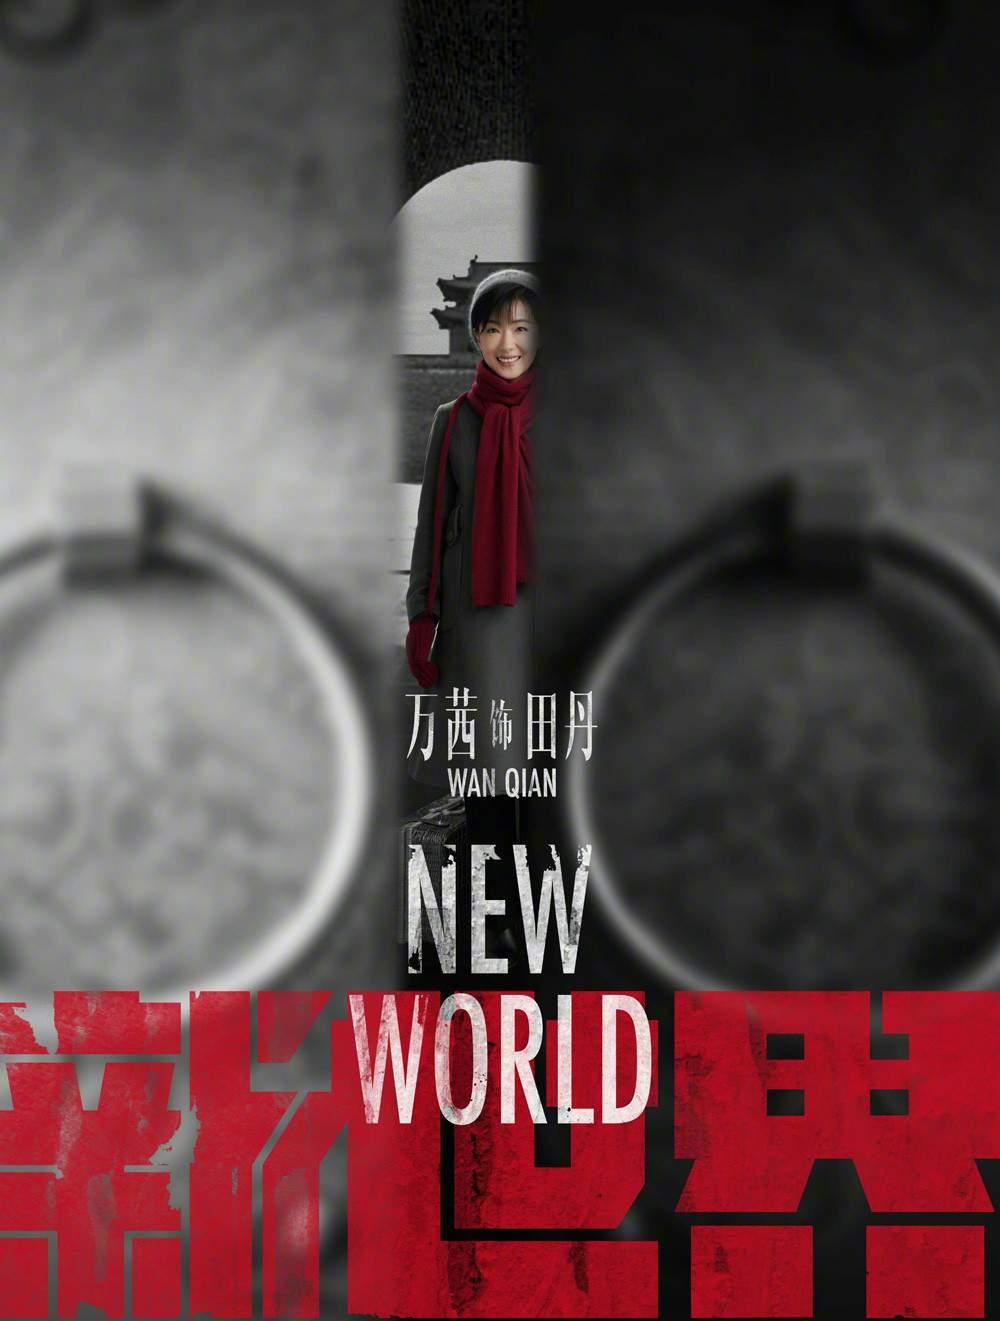 [新世界][70集全][国语中字][1080p]BT下载